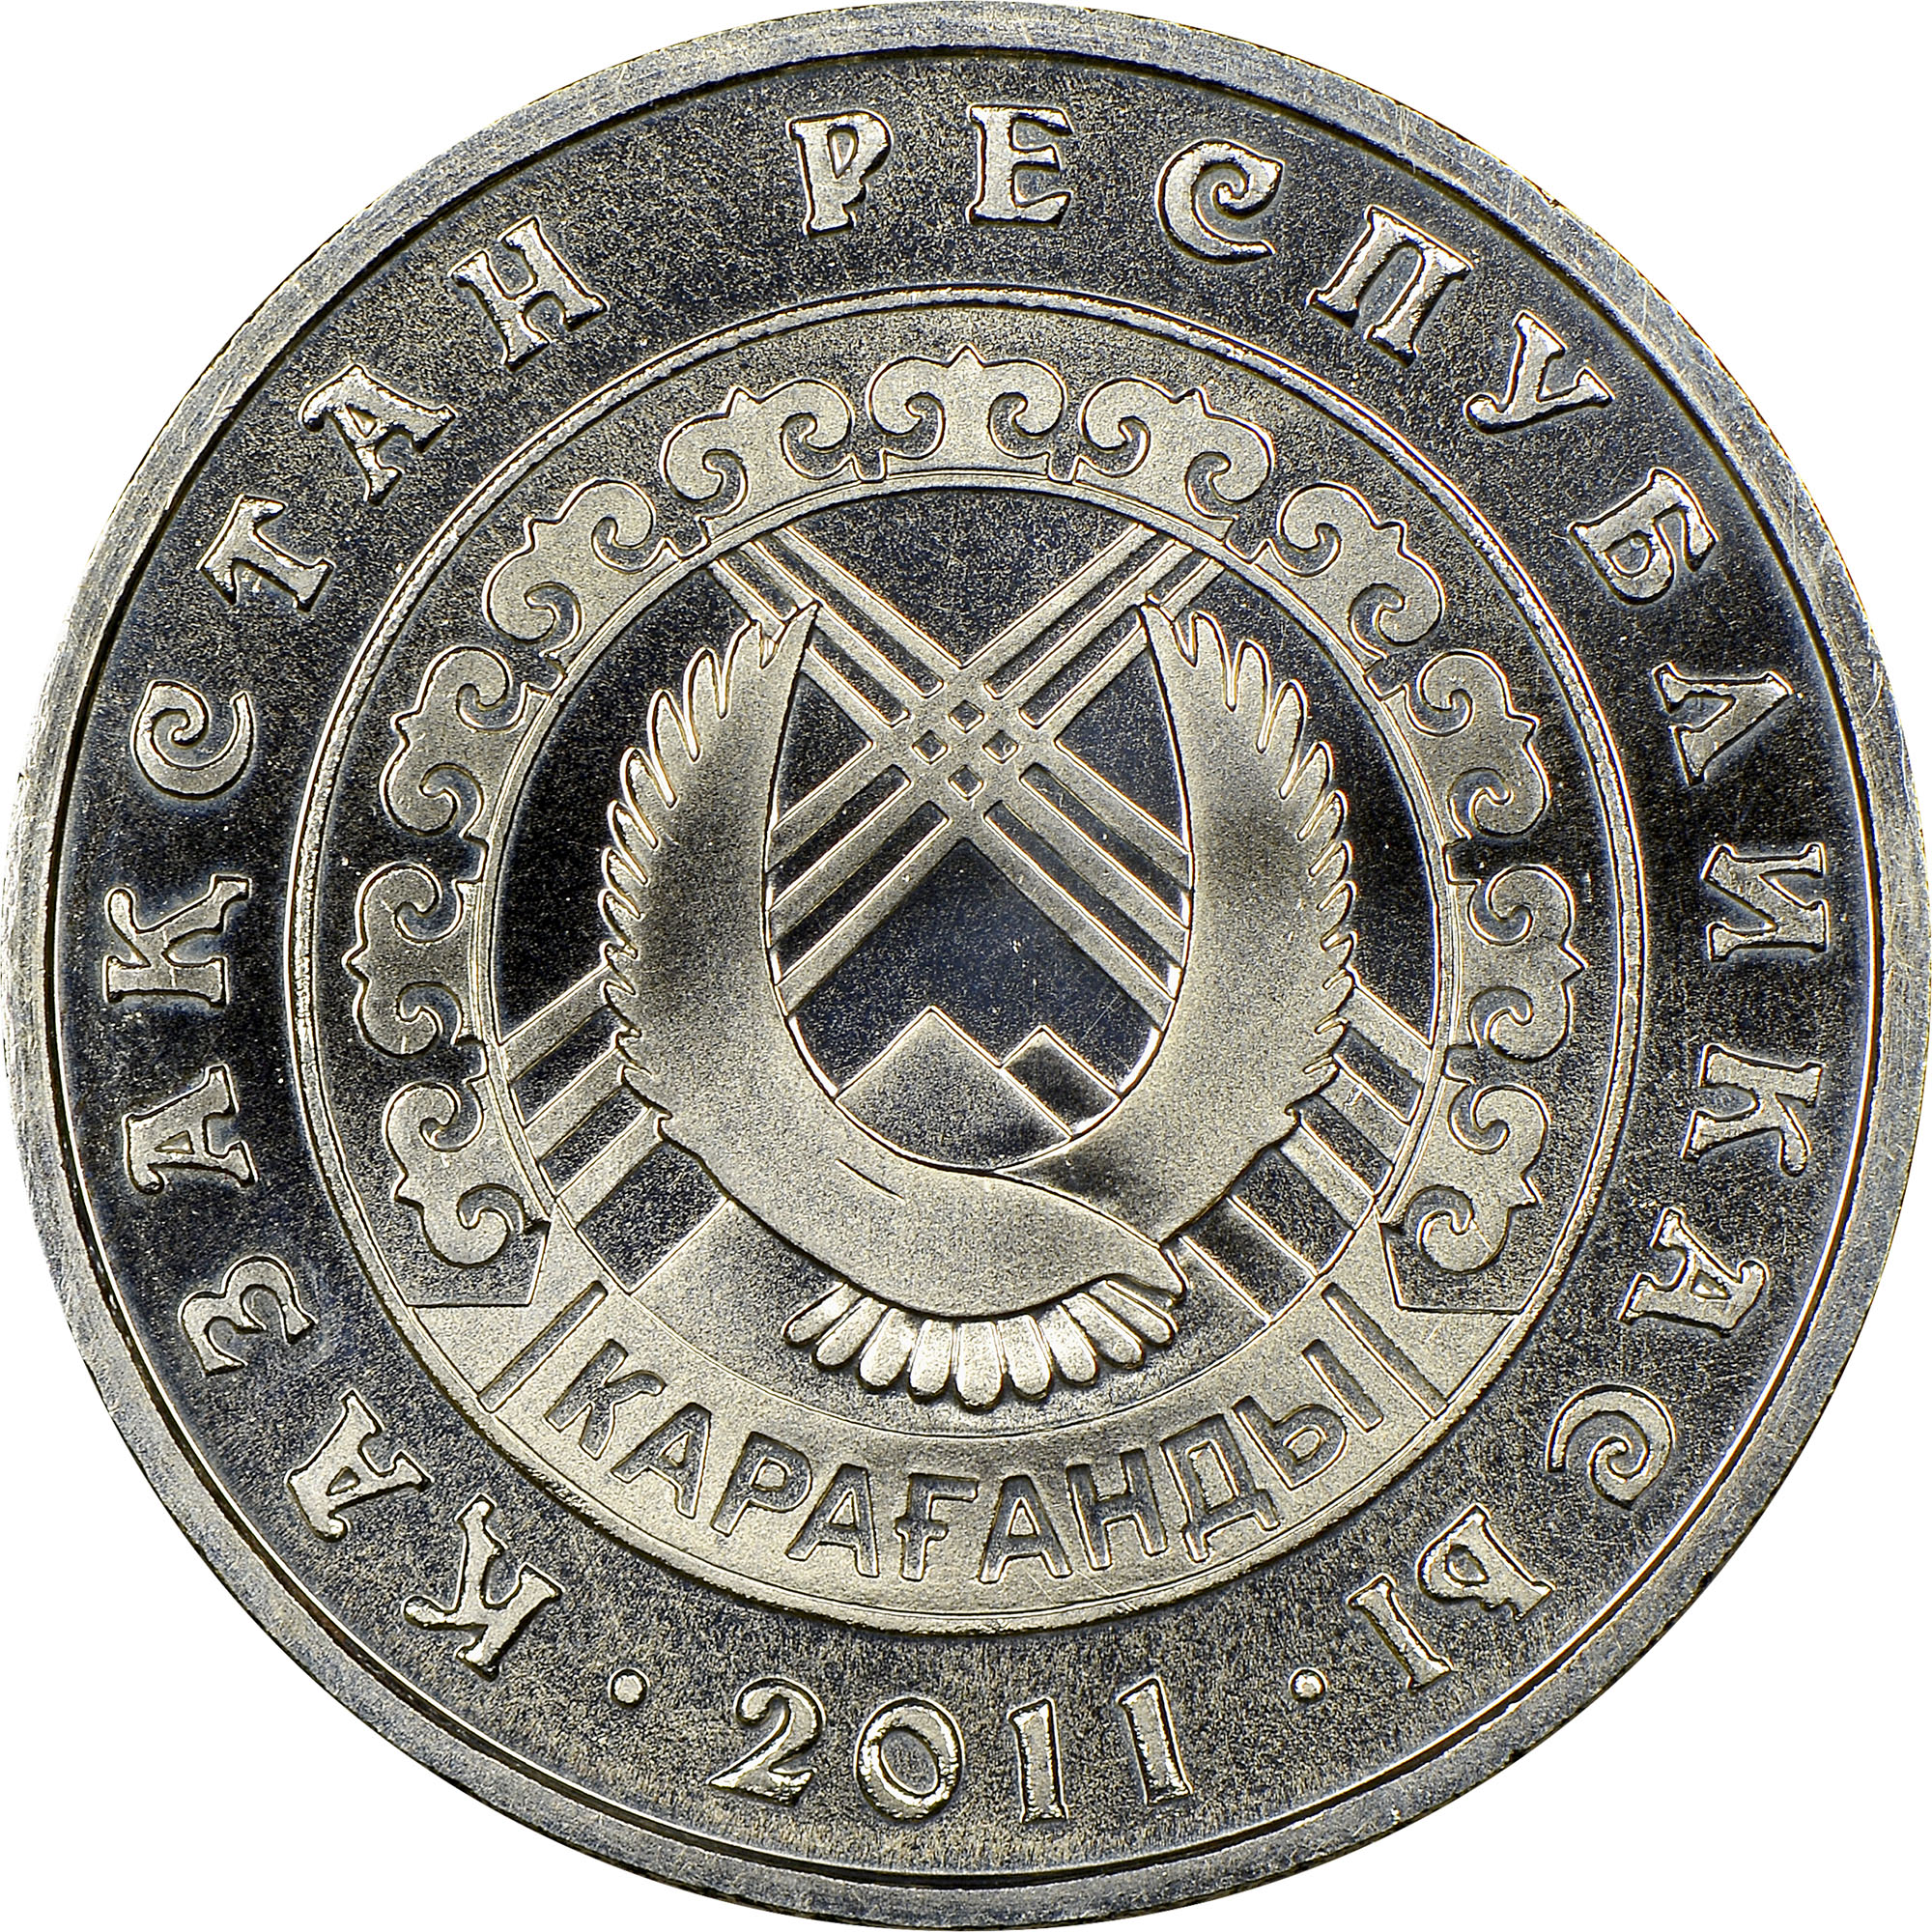 Kazakhstan 50 Tenge obverse